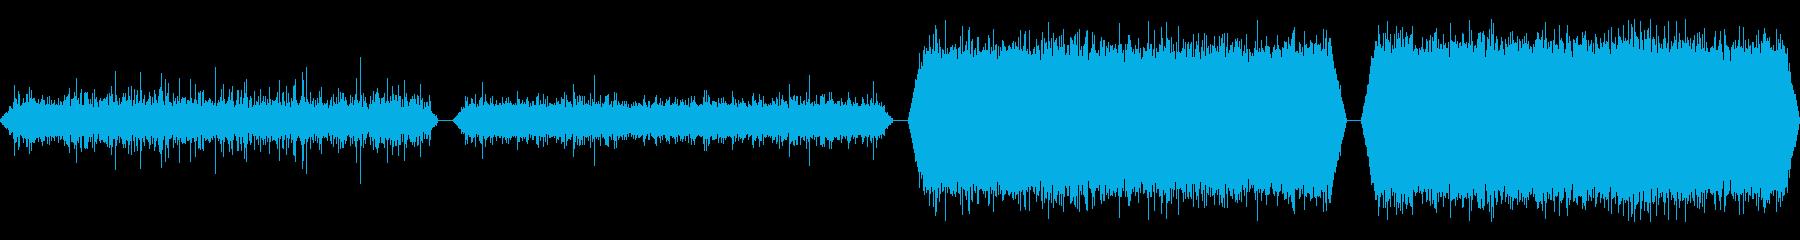 水路、水路、4つのバージョン; D...の再生済みの波形